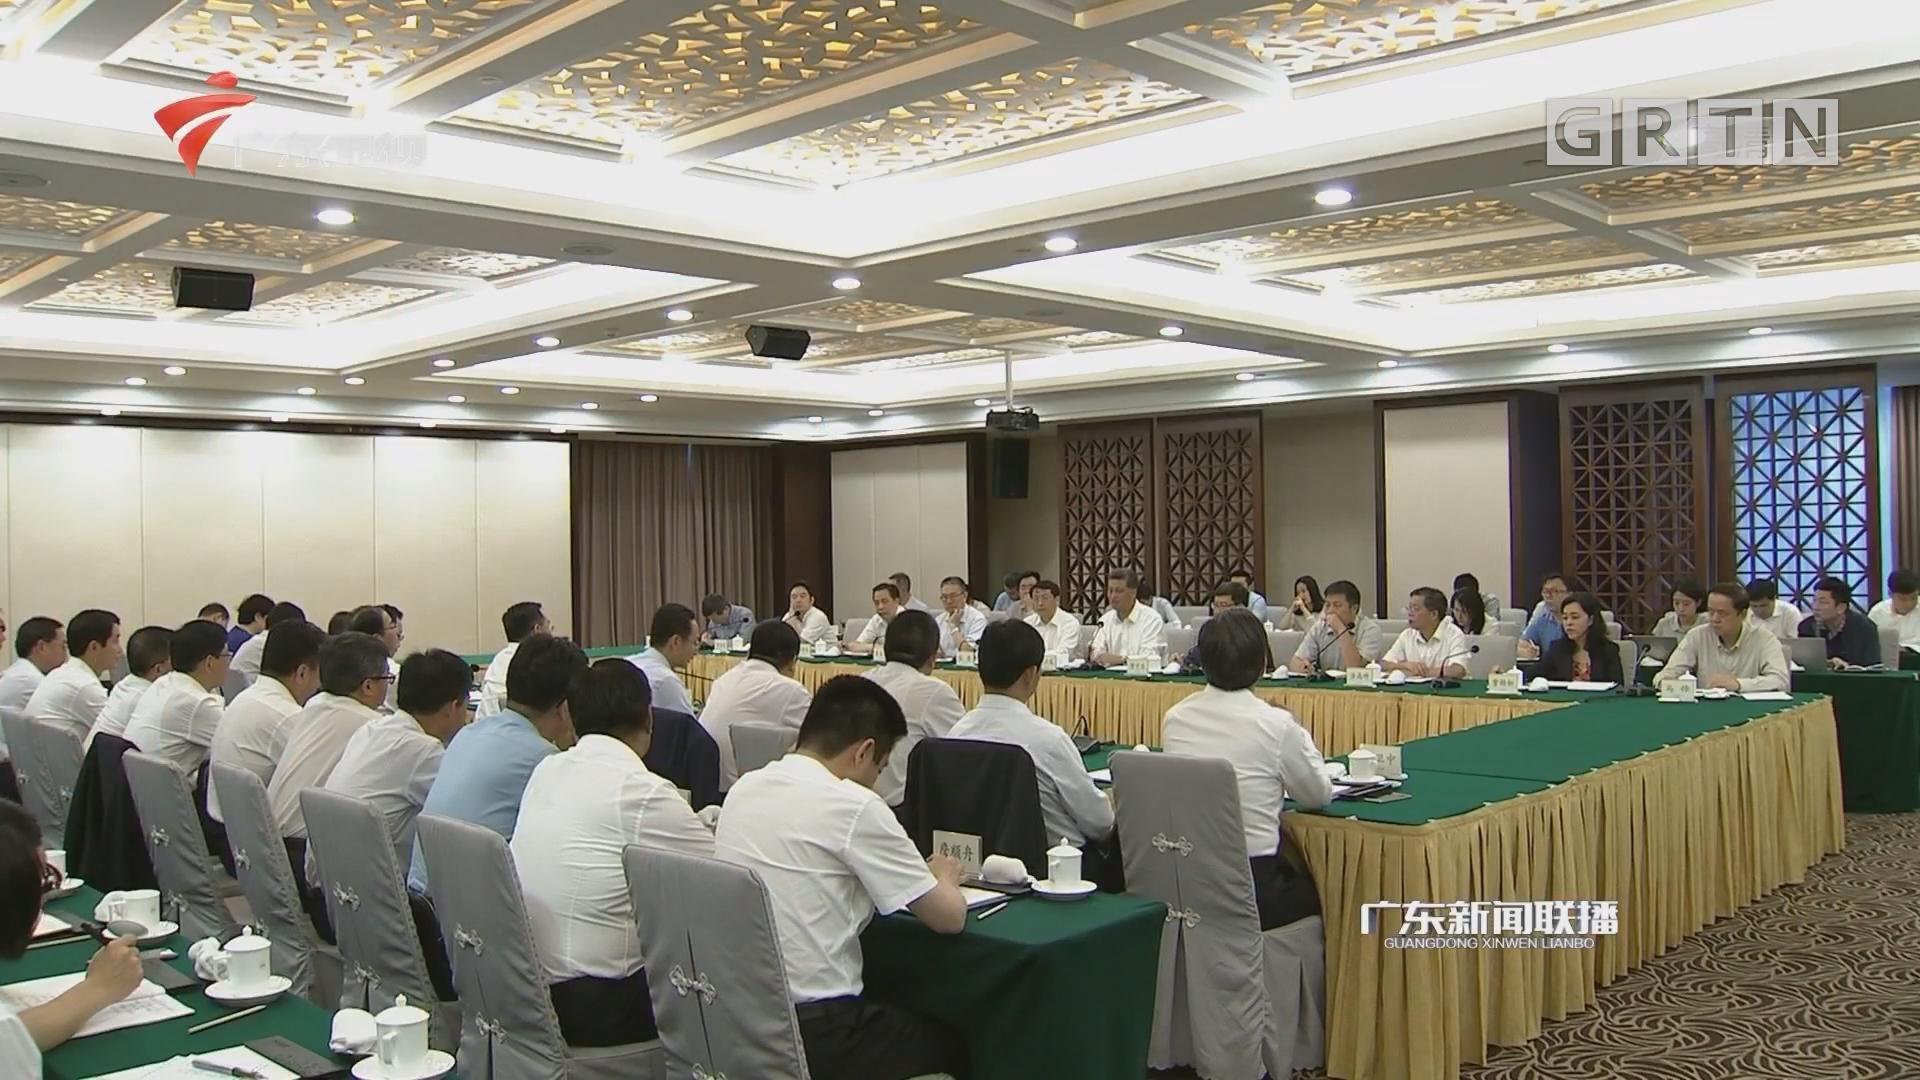 甘肃省政府代表团来粤考察推动两省合作 李希 马兴瑞 唐仁健参加有关活动